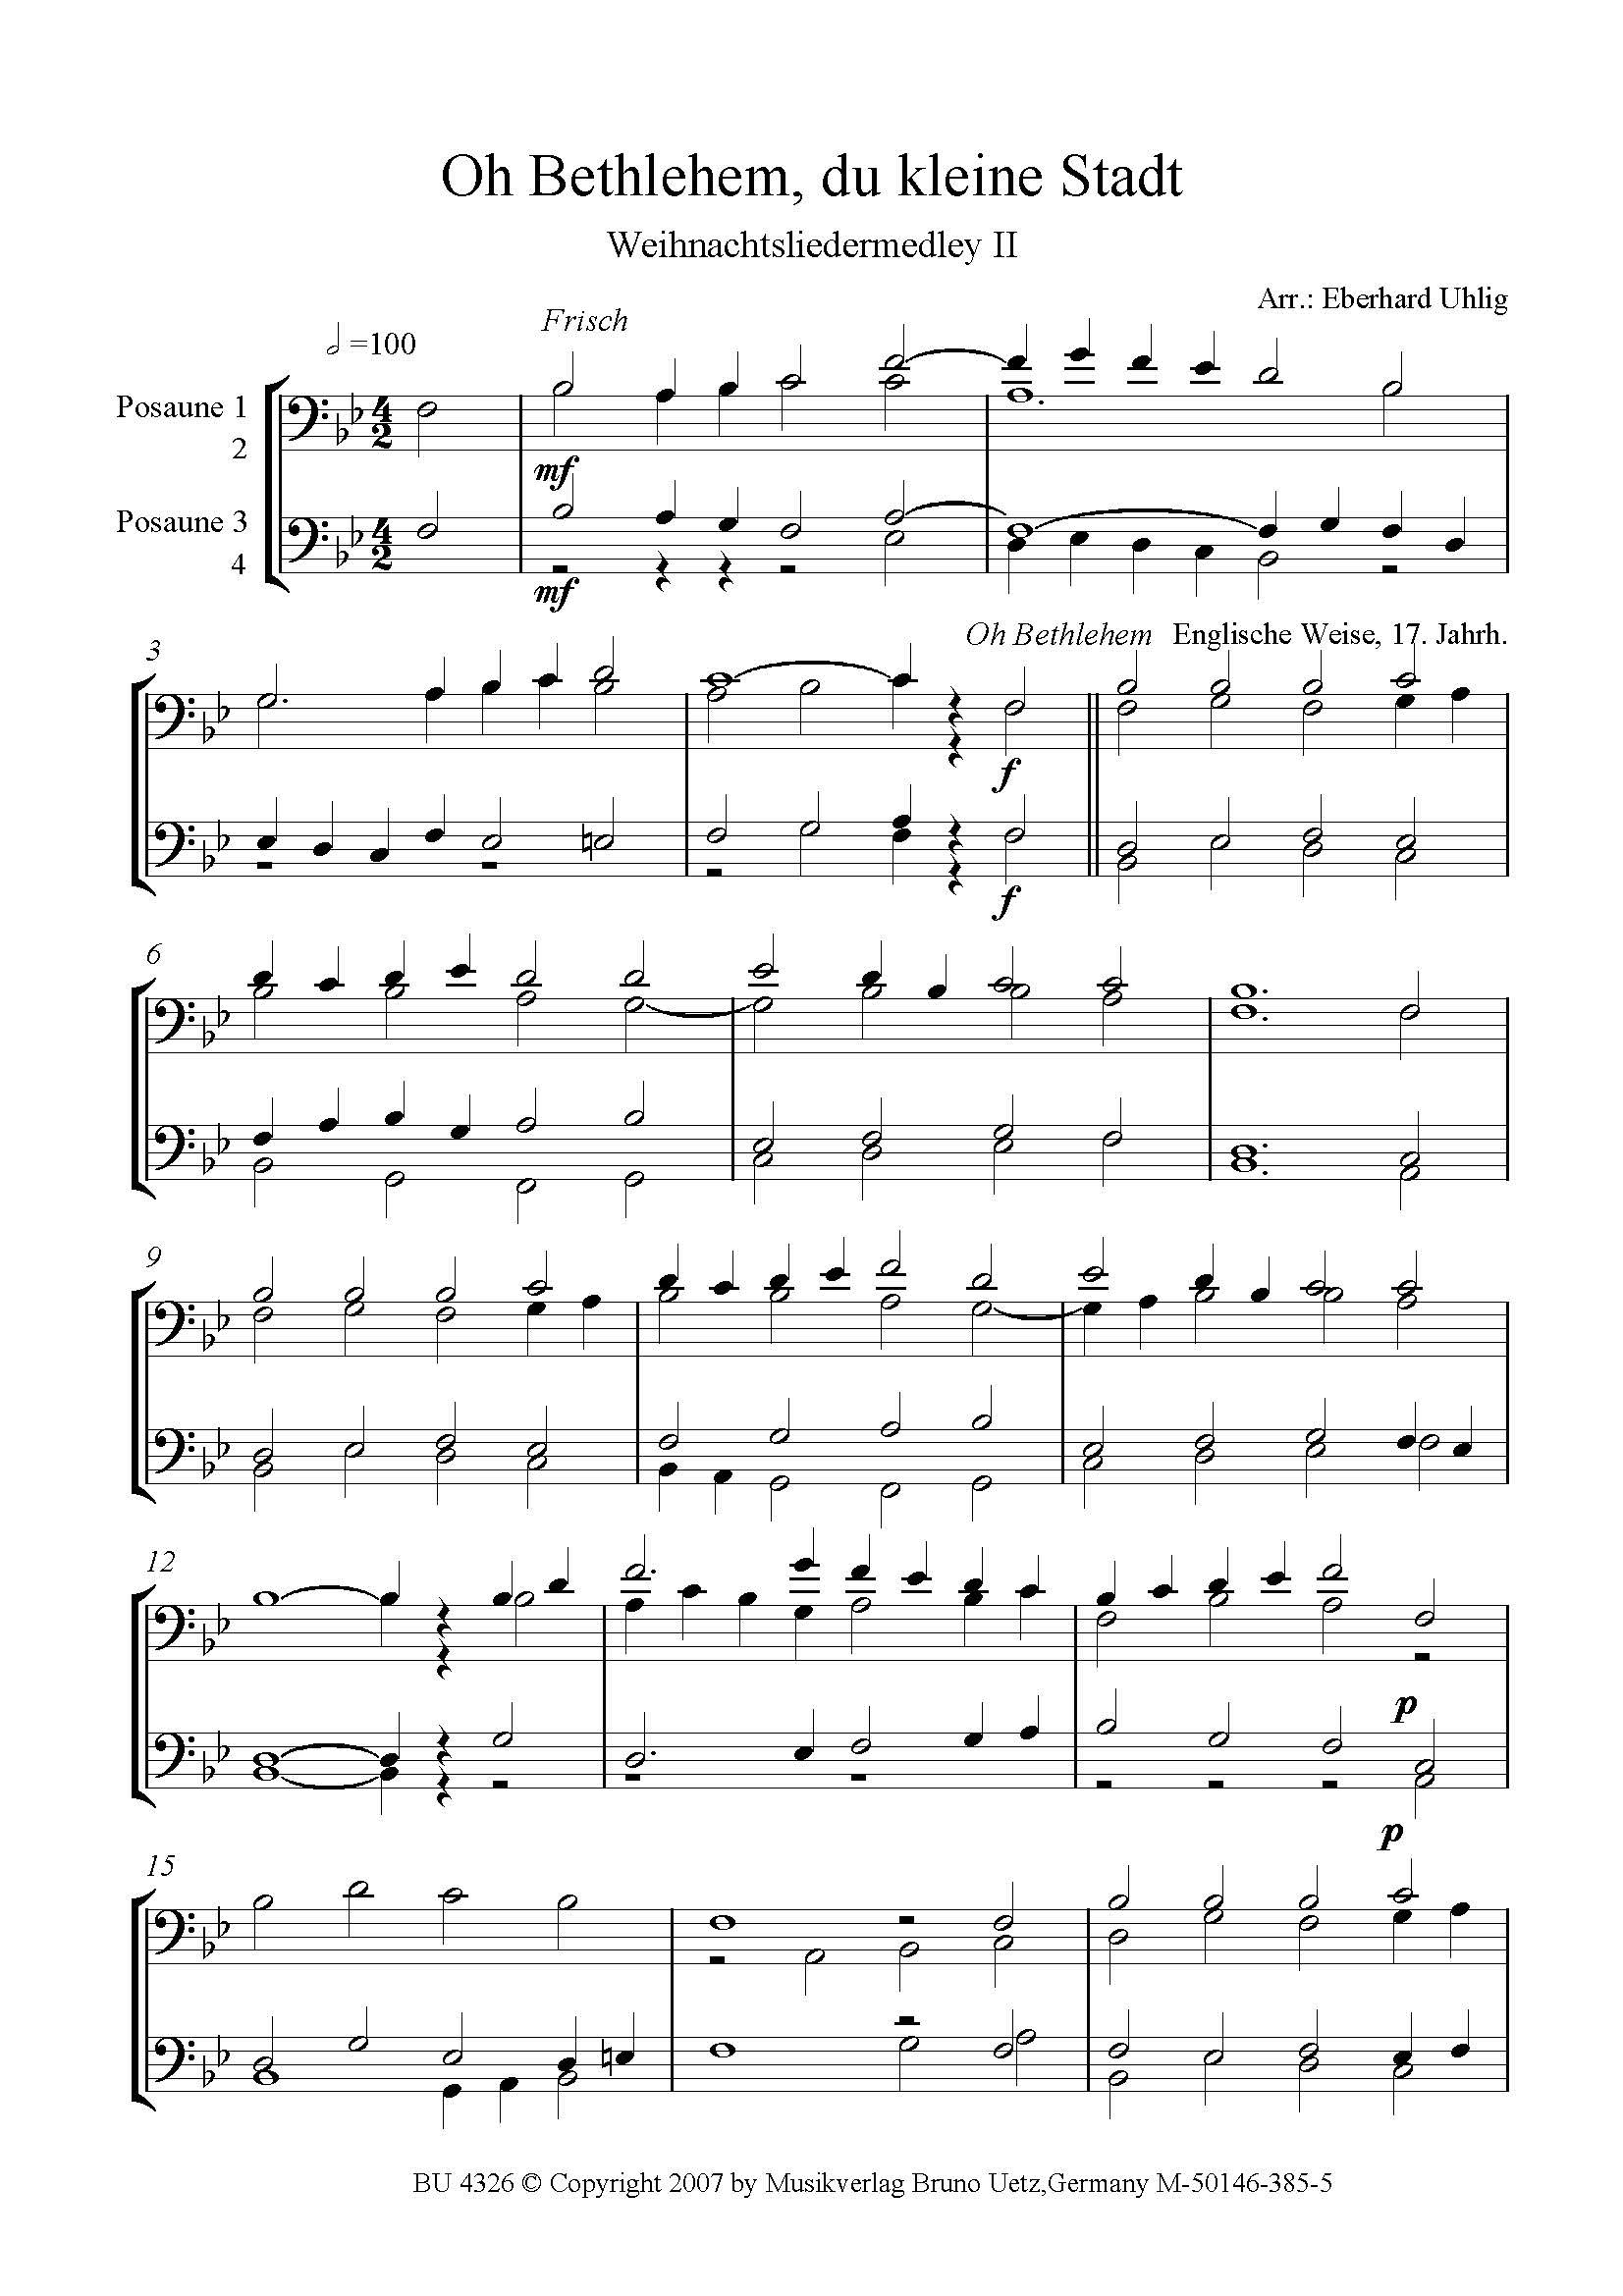 Weihnachtslieder Medley II. Oh Bethlehem, du kleine Stadt. Für ...